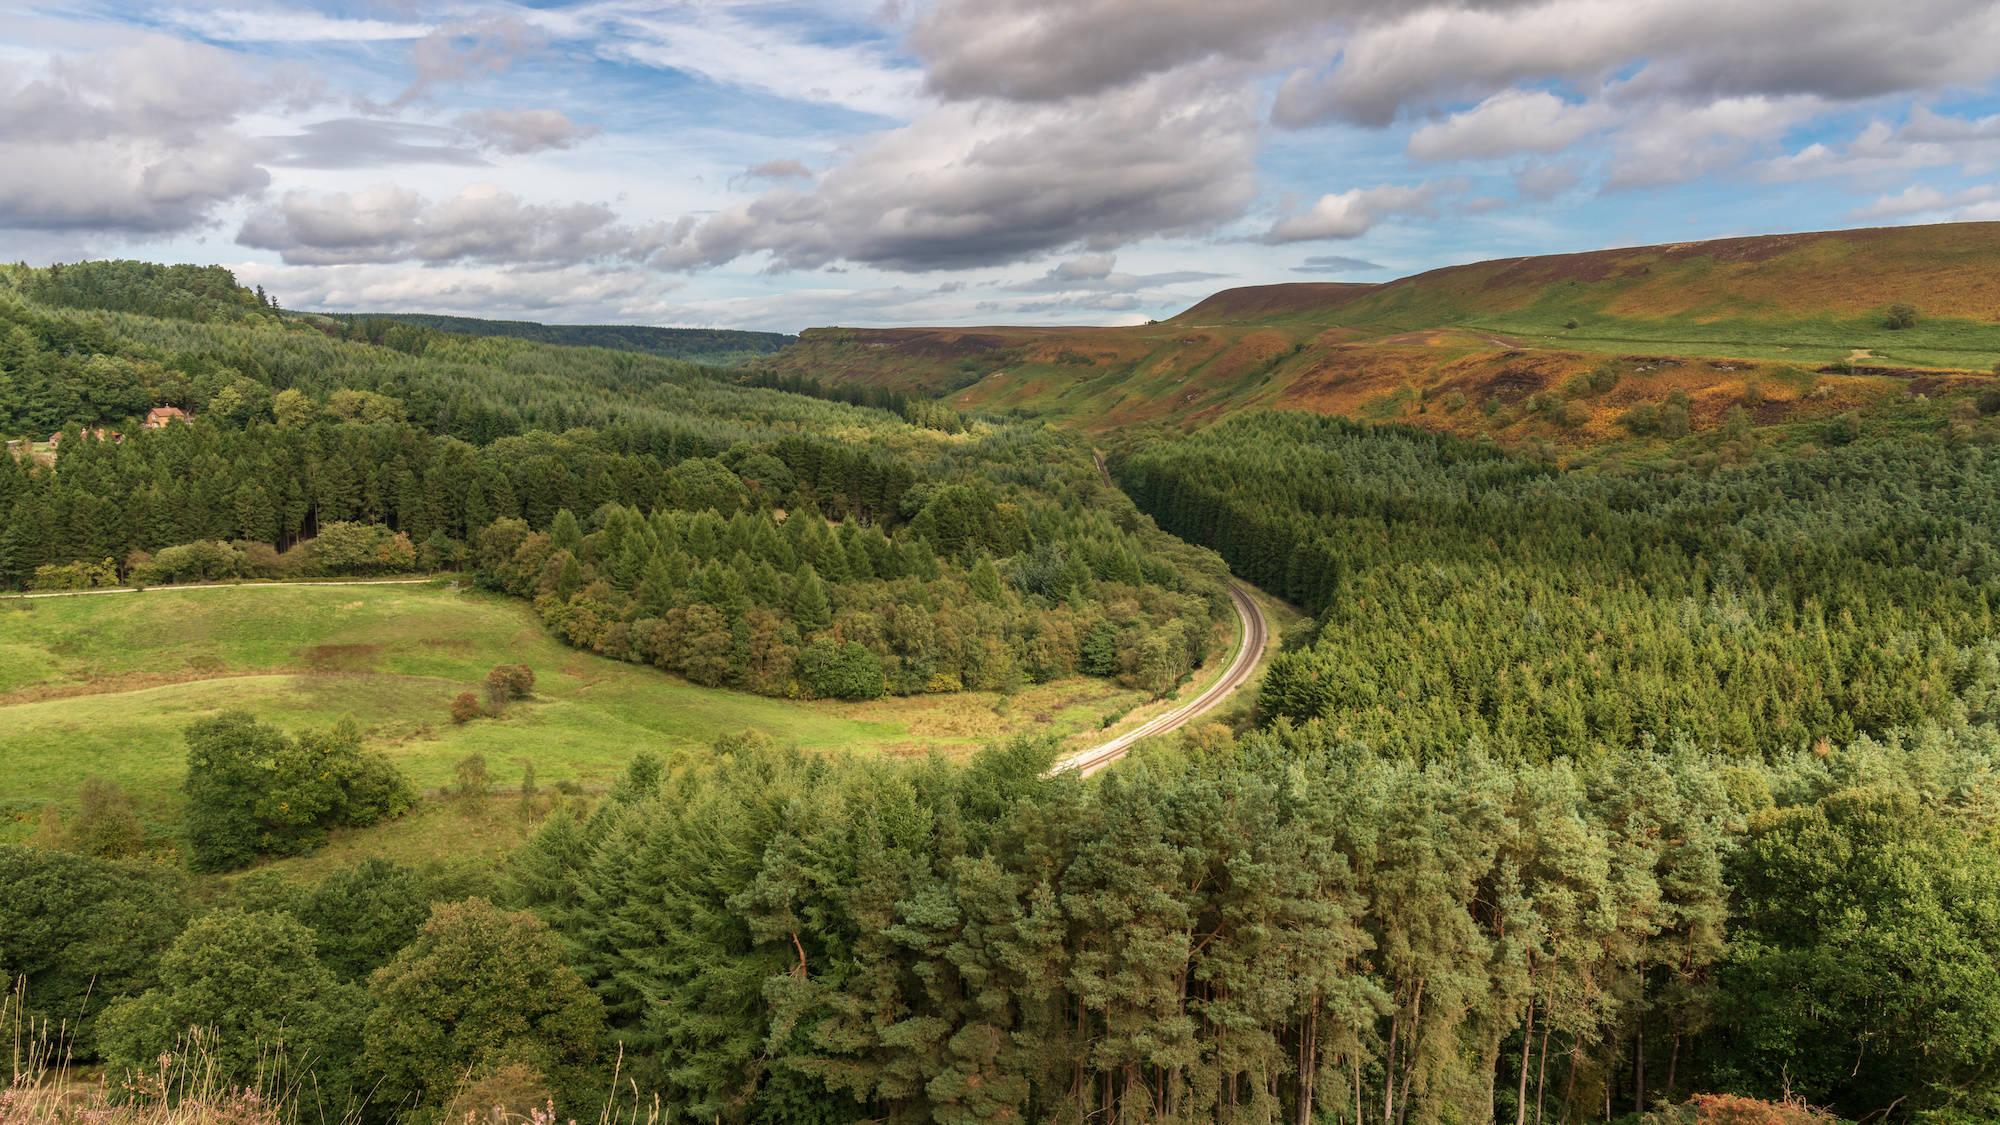 Levisham Moor, Newtondale, North York Moors